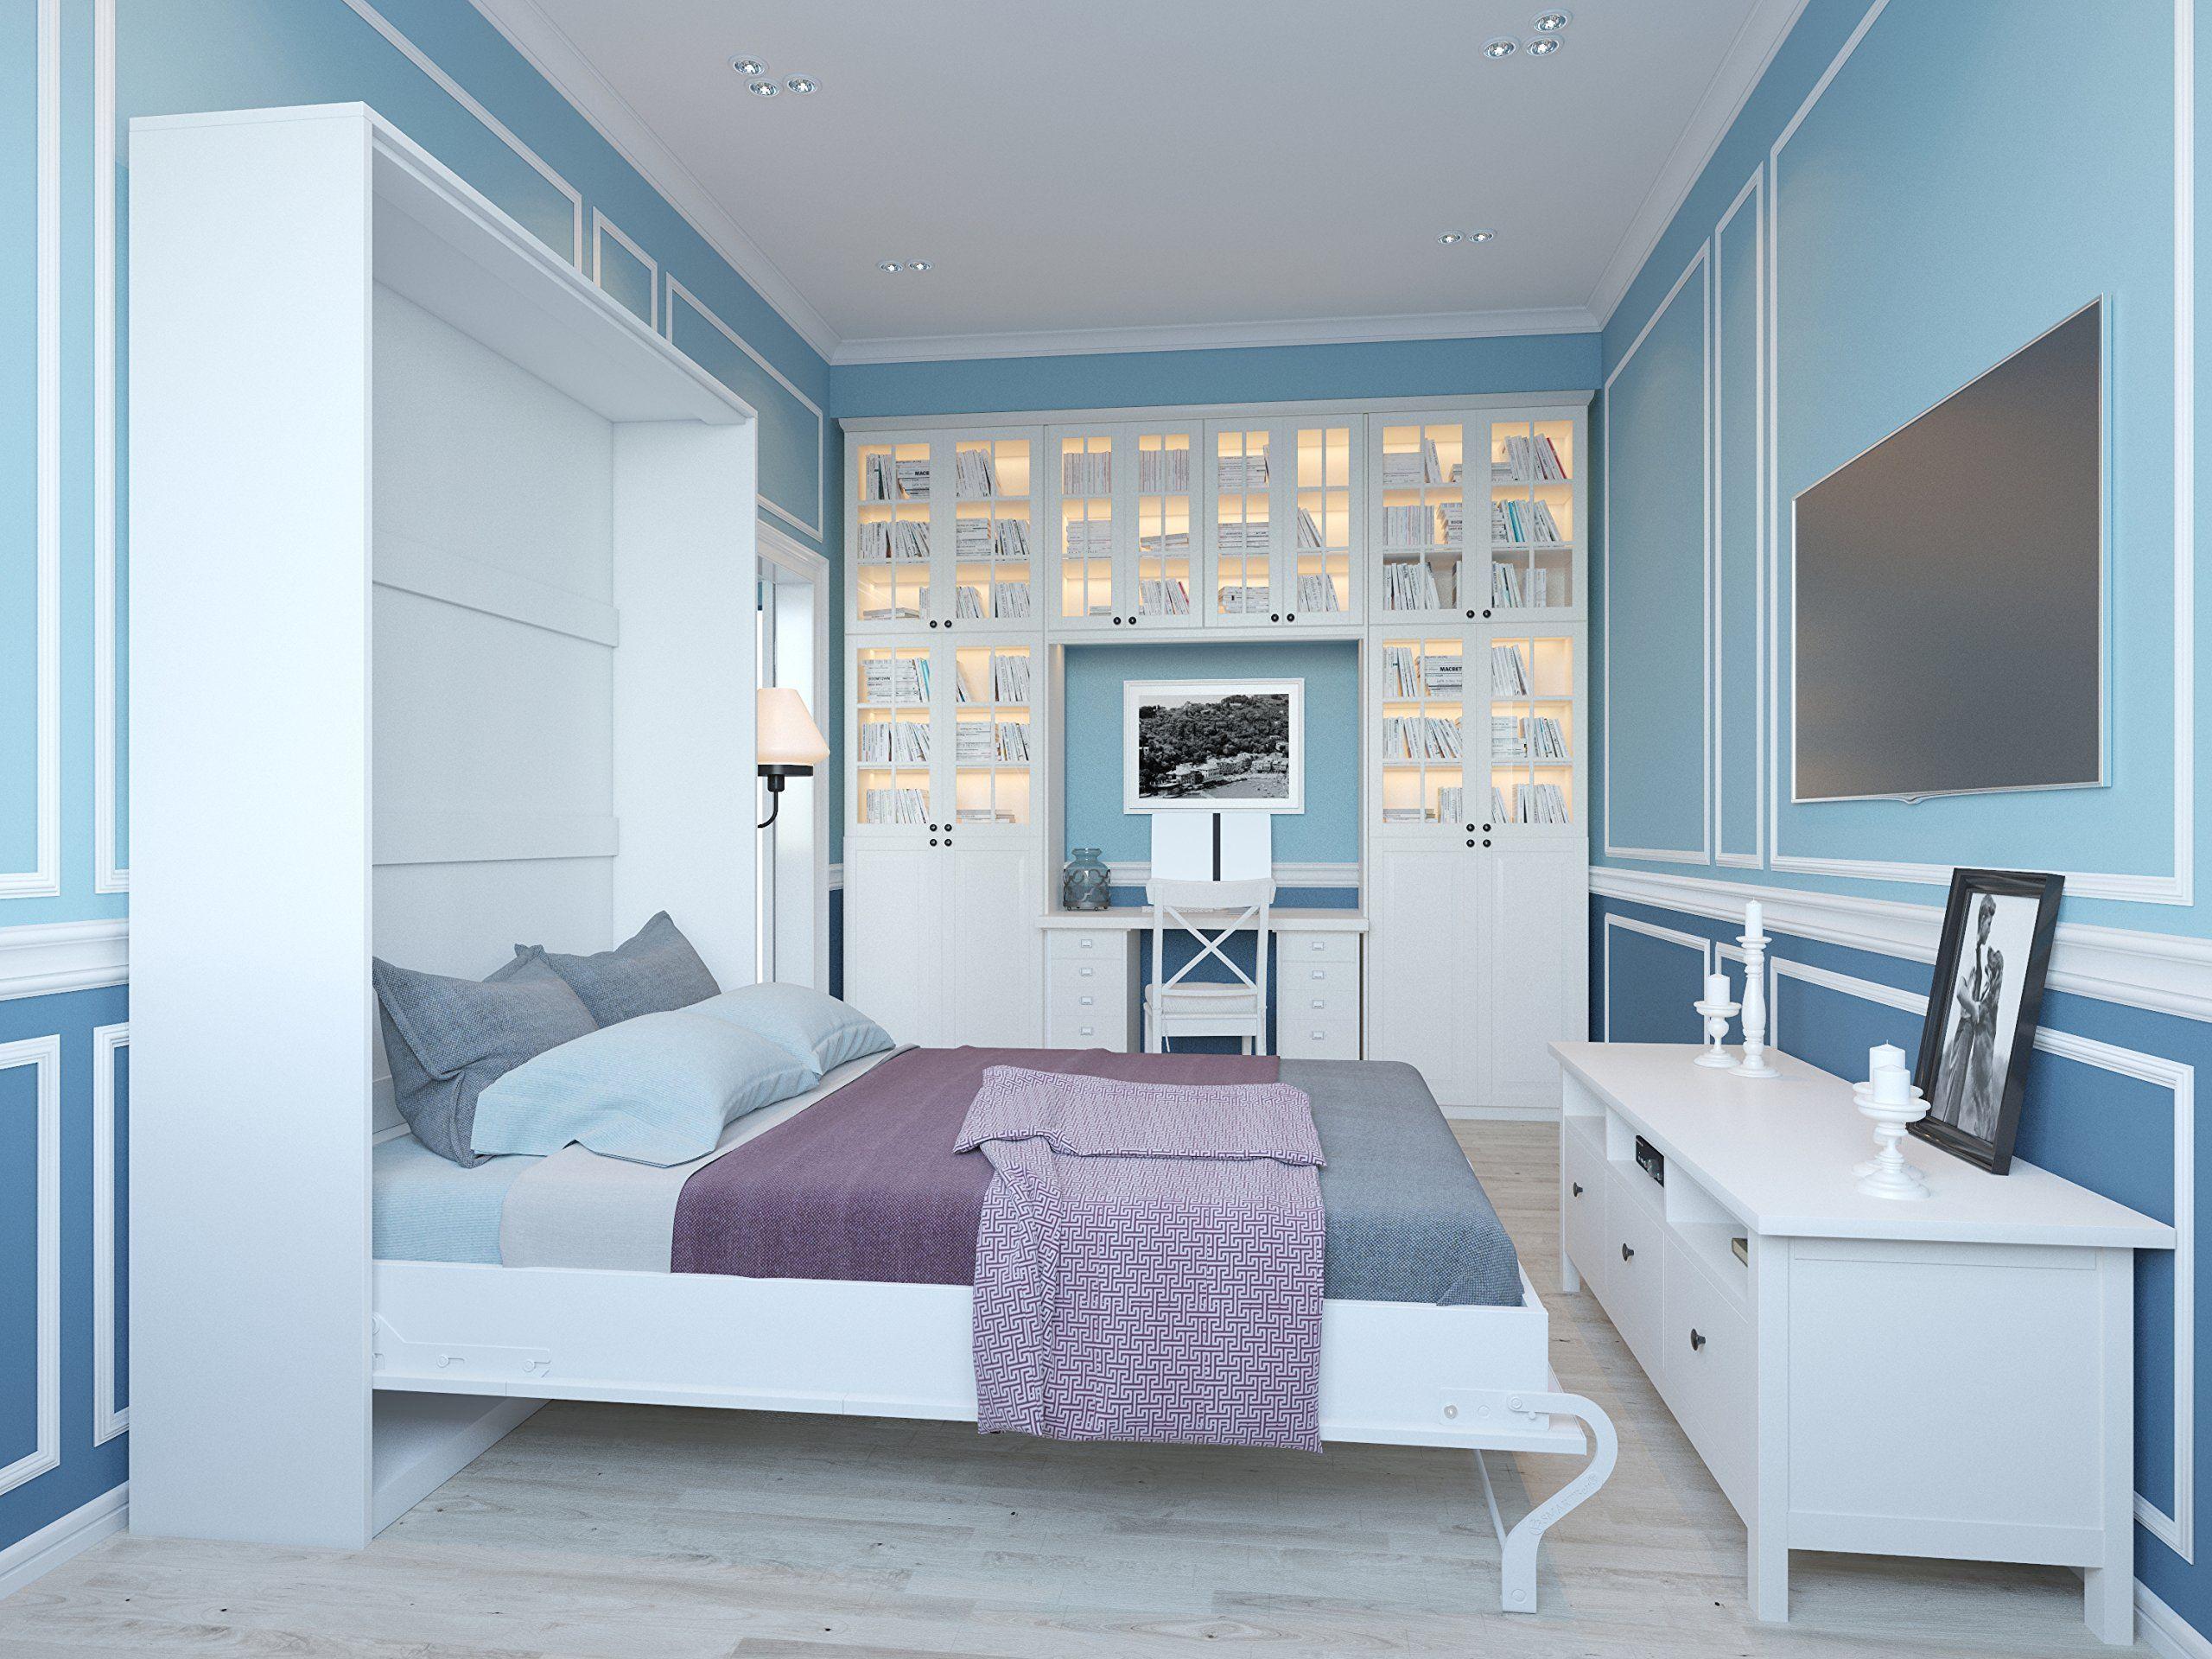 schrankbett 140x200 cm vertikal wei schrankklappbett wandbett ideal als g stebett. Black Bedroom Furniture Sets. Home Design Ideas